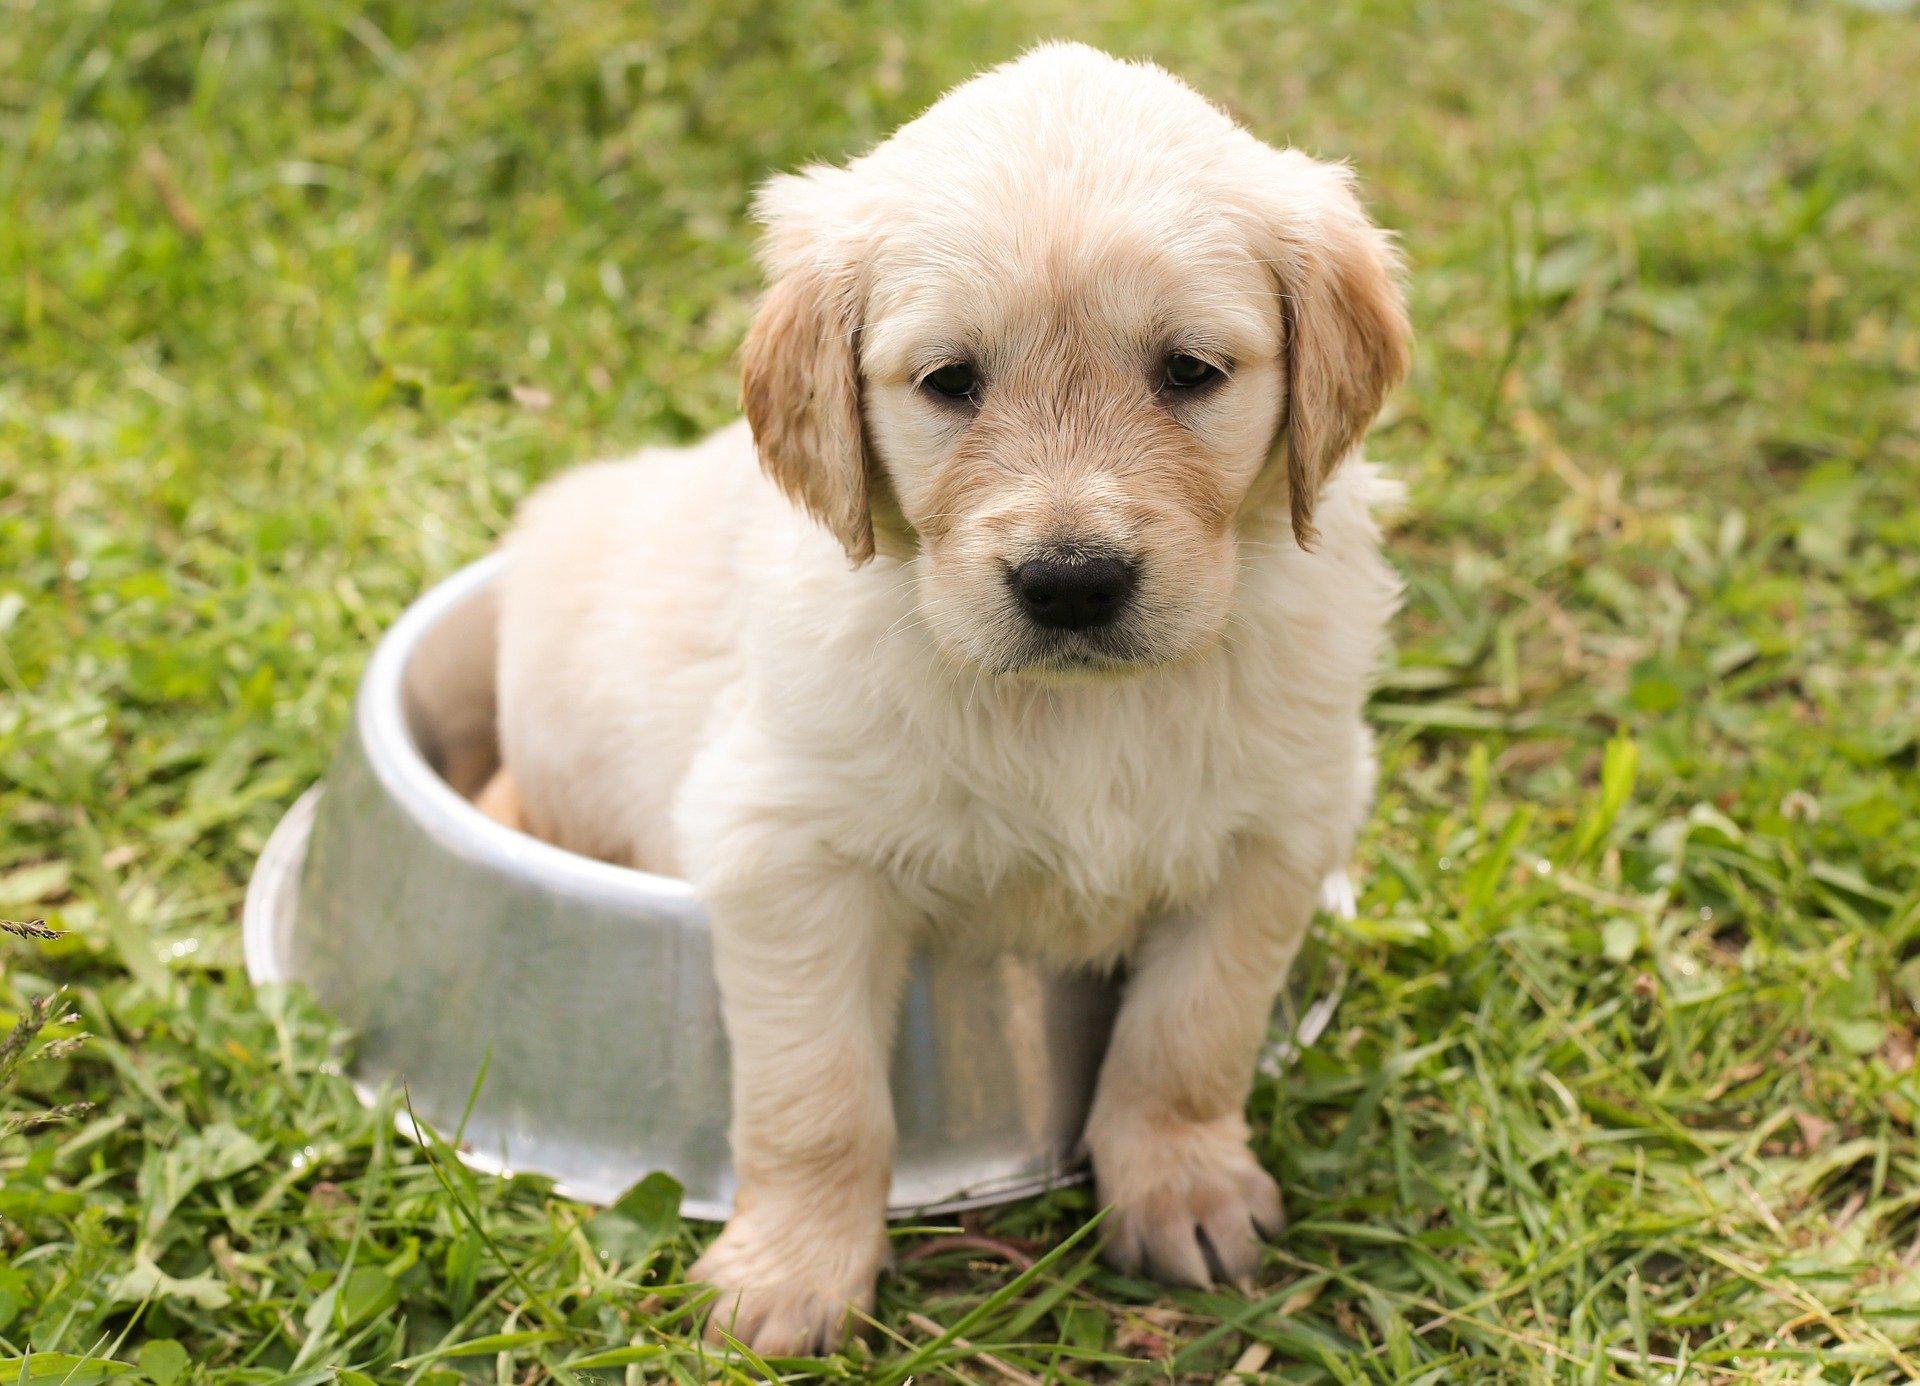 Svezzamento cani, le regole fondamentali da seguire